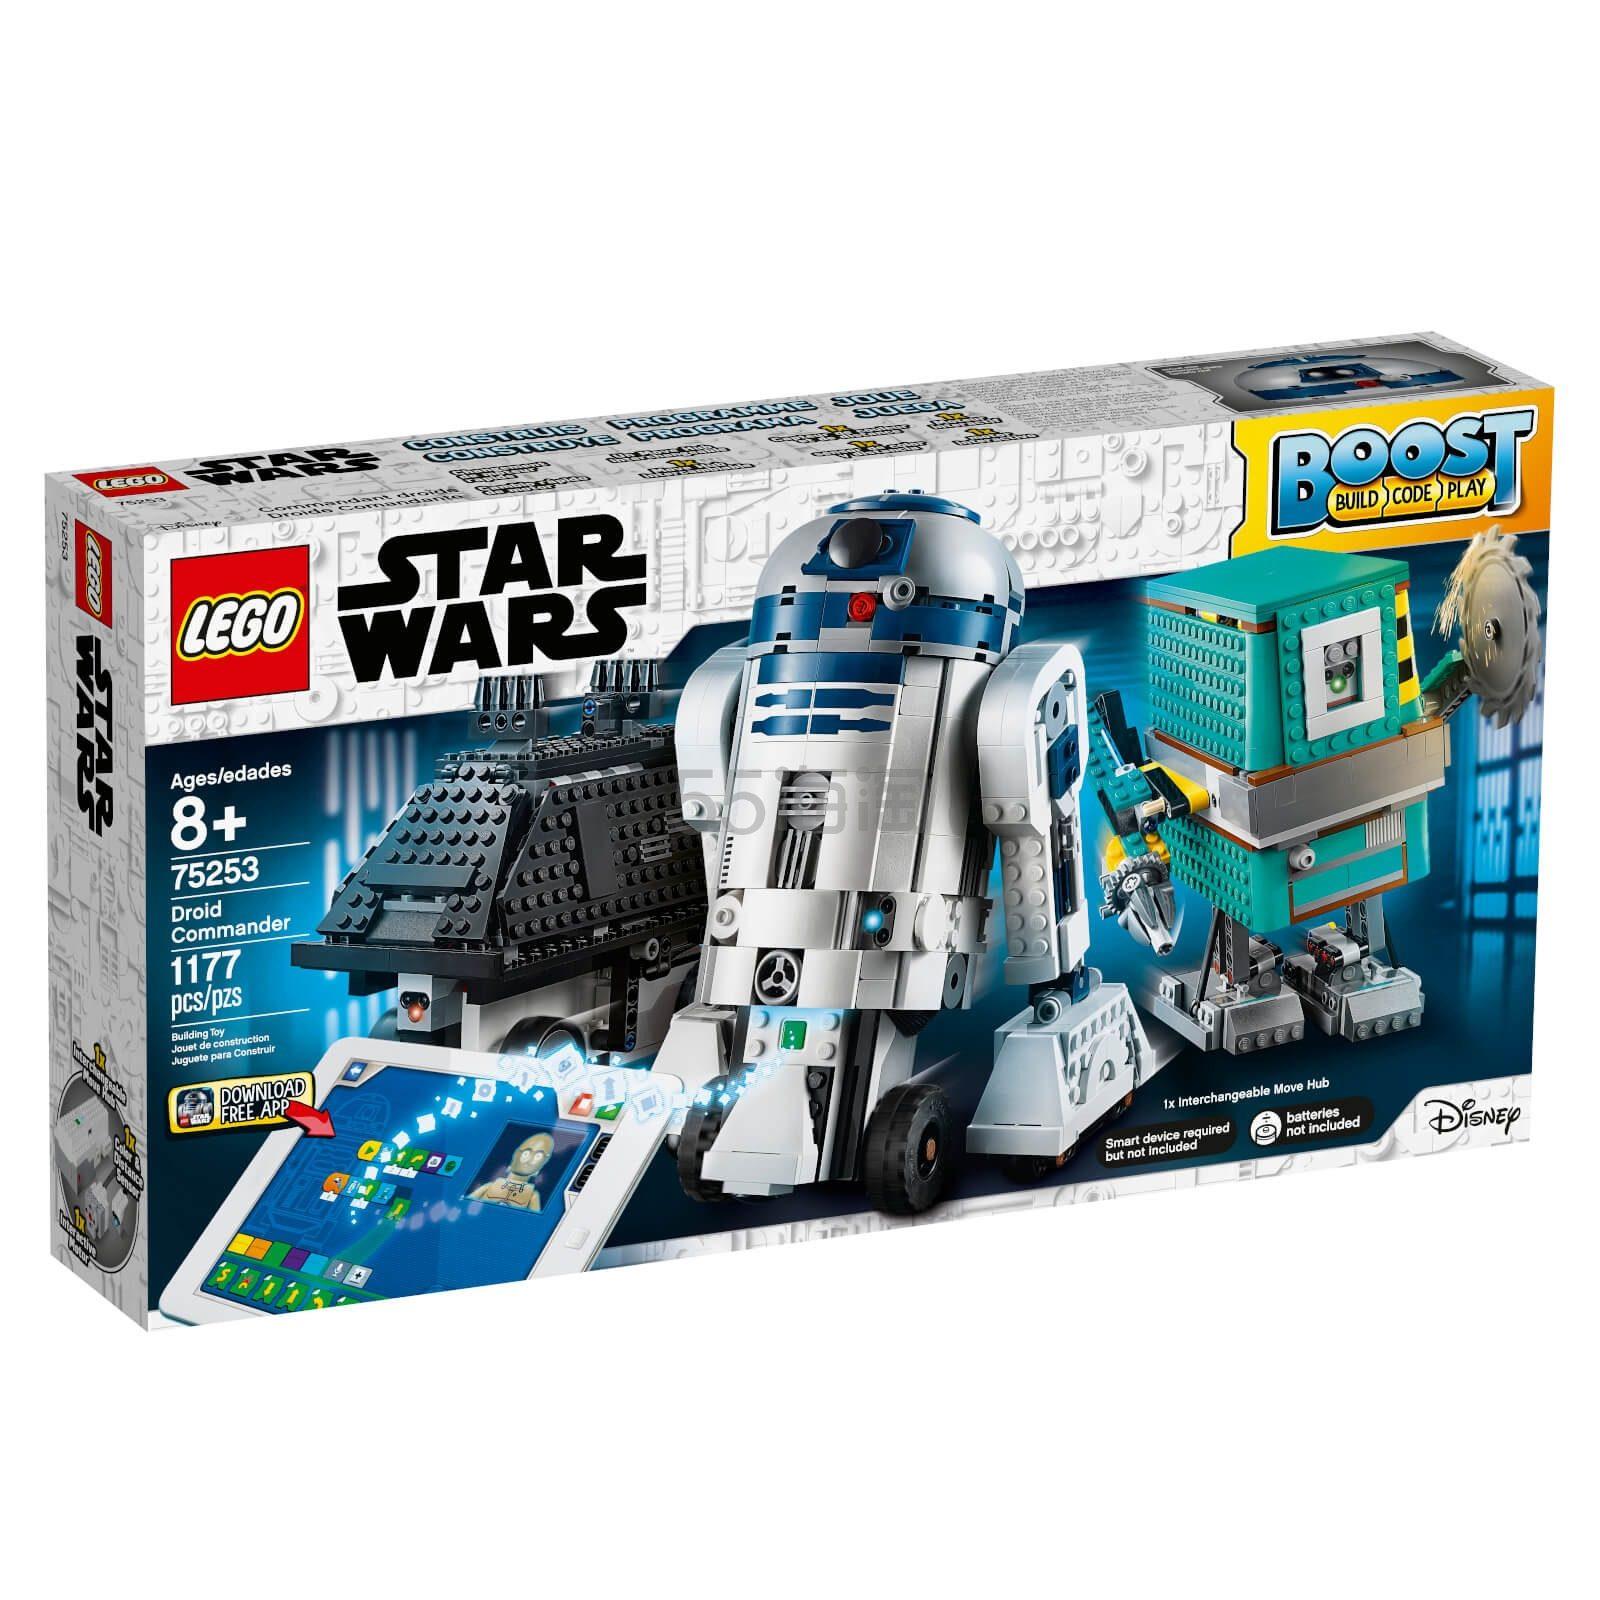 包邮!LEGO 乐高 星球大战系列 机器人指挥官 (75253) £109.99(约982元) - 海淘优惠海淘折扣|55海淘网